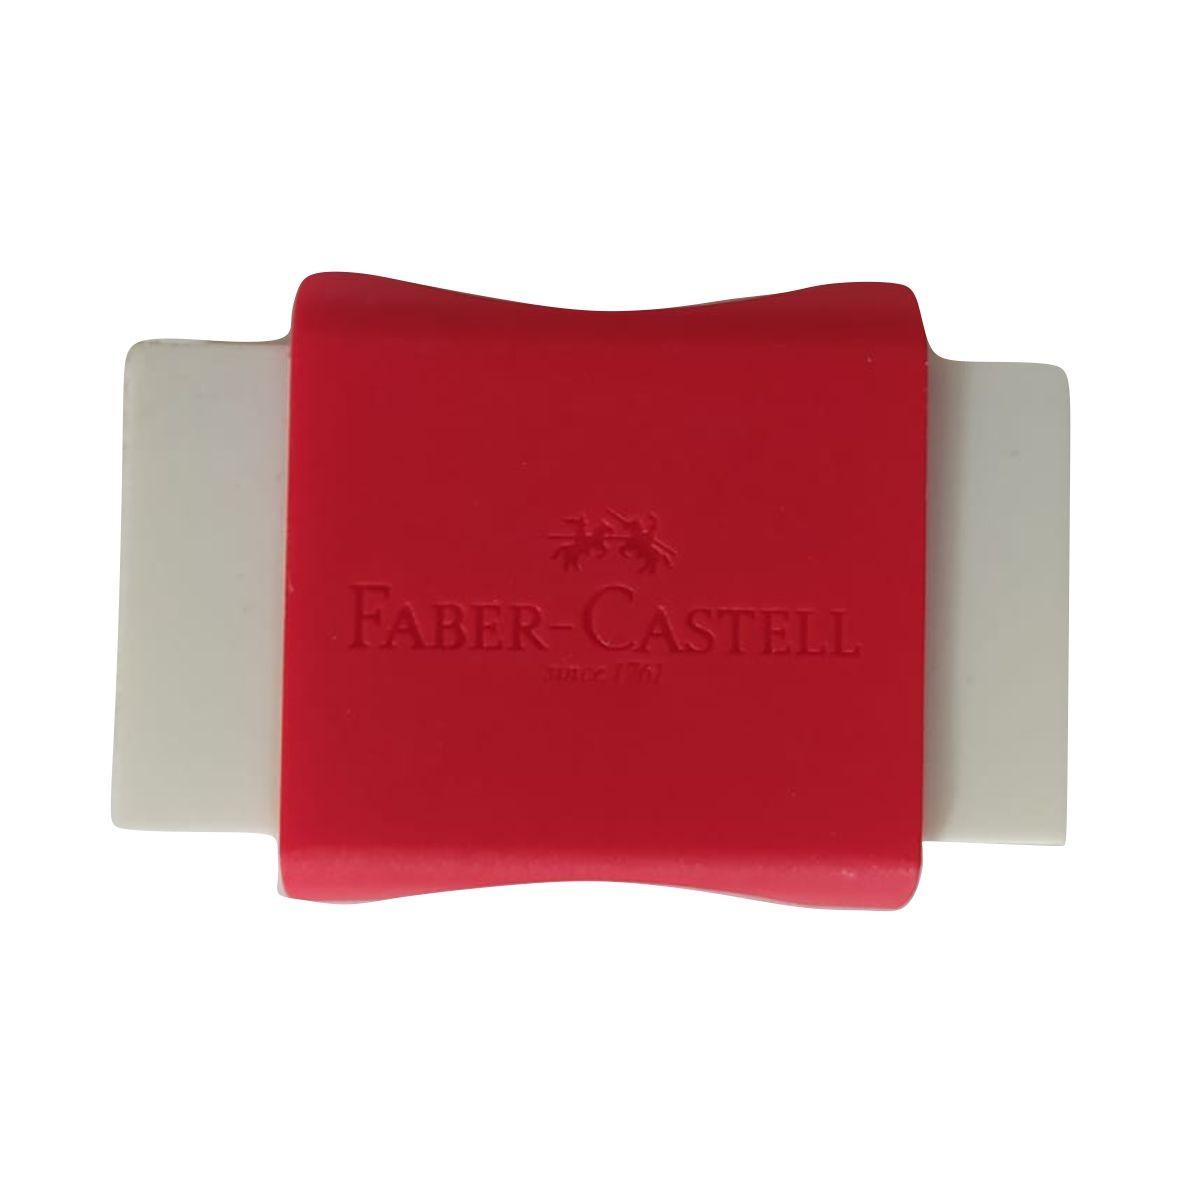 Borracha com Capa - Faber-Castell